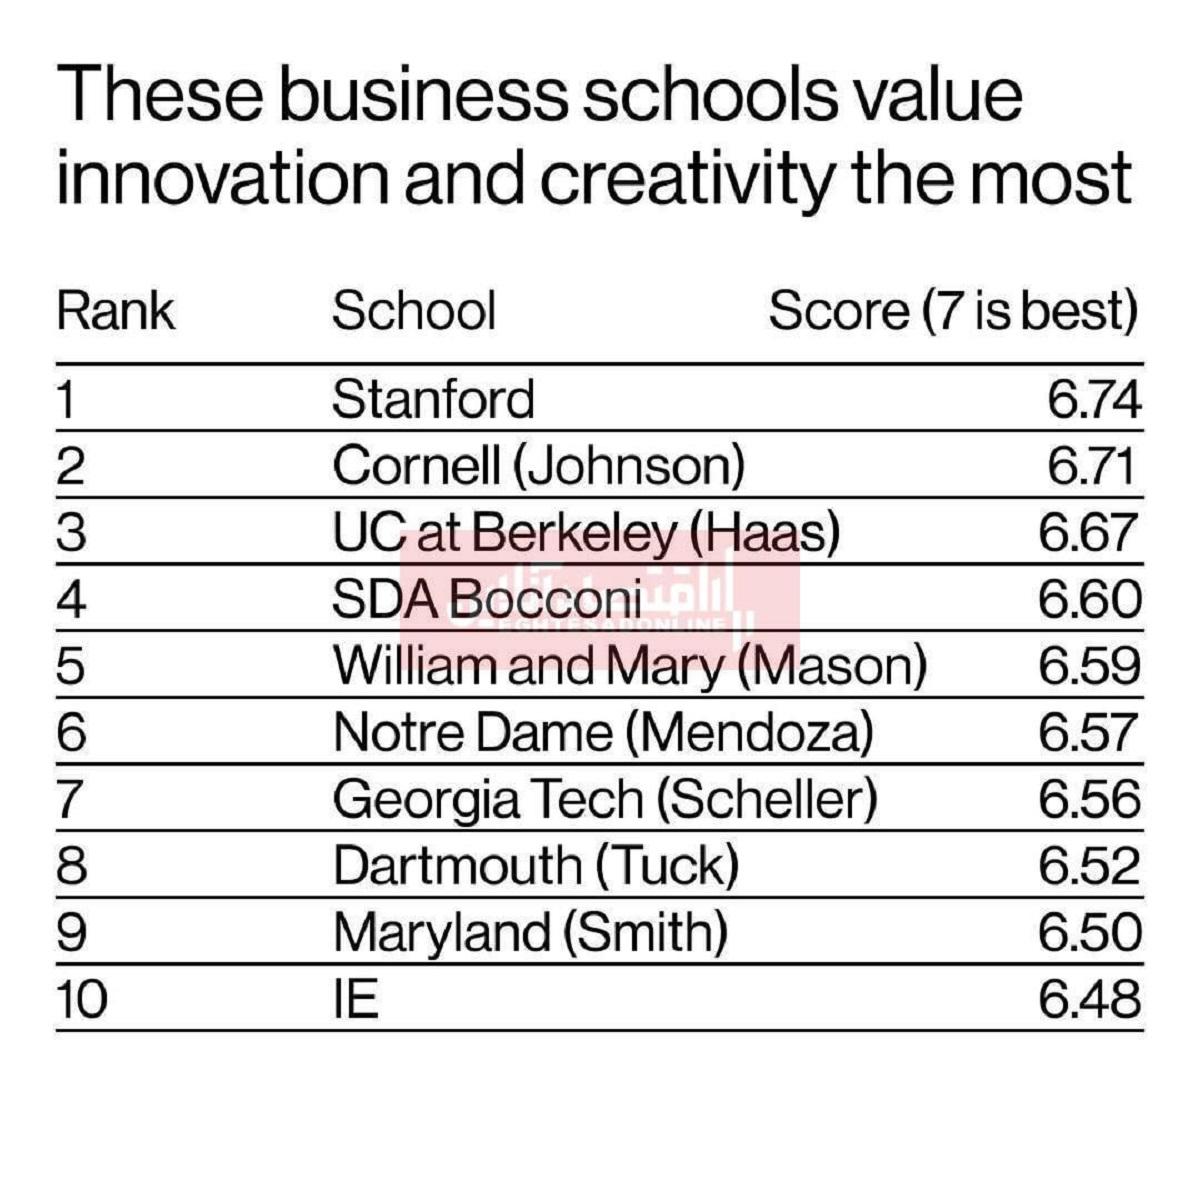 بهترین دانشکدههای کسب و کار